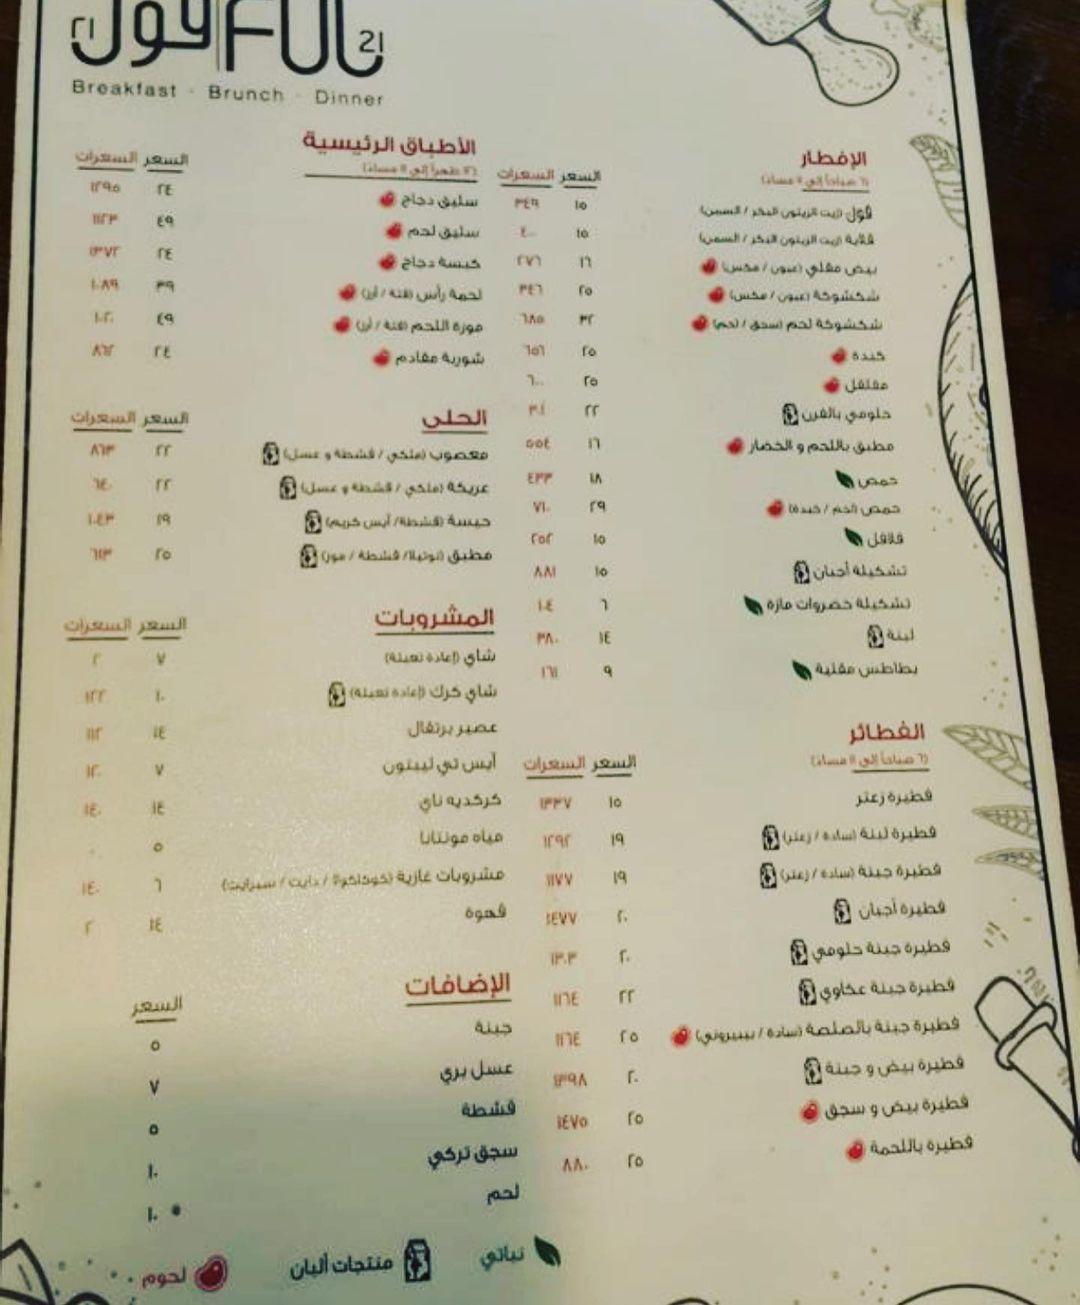 منيو مطعم فول ٢١ الأسعار المنيو الموقع كافيهات و مطاعم السعودية